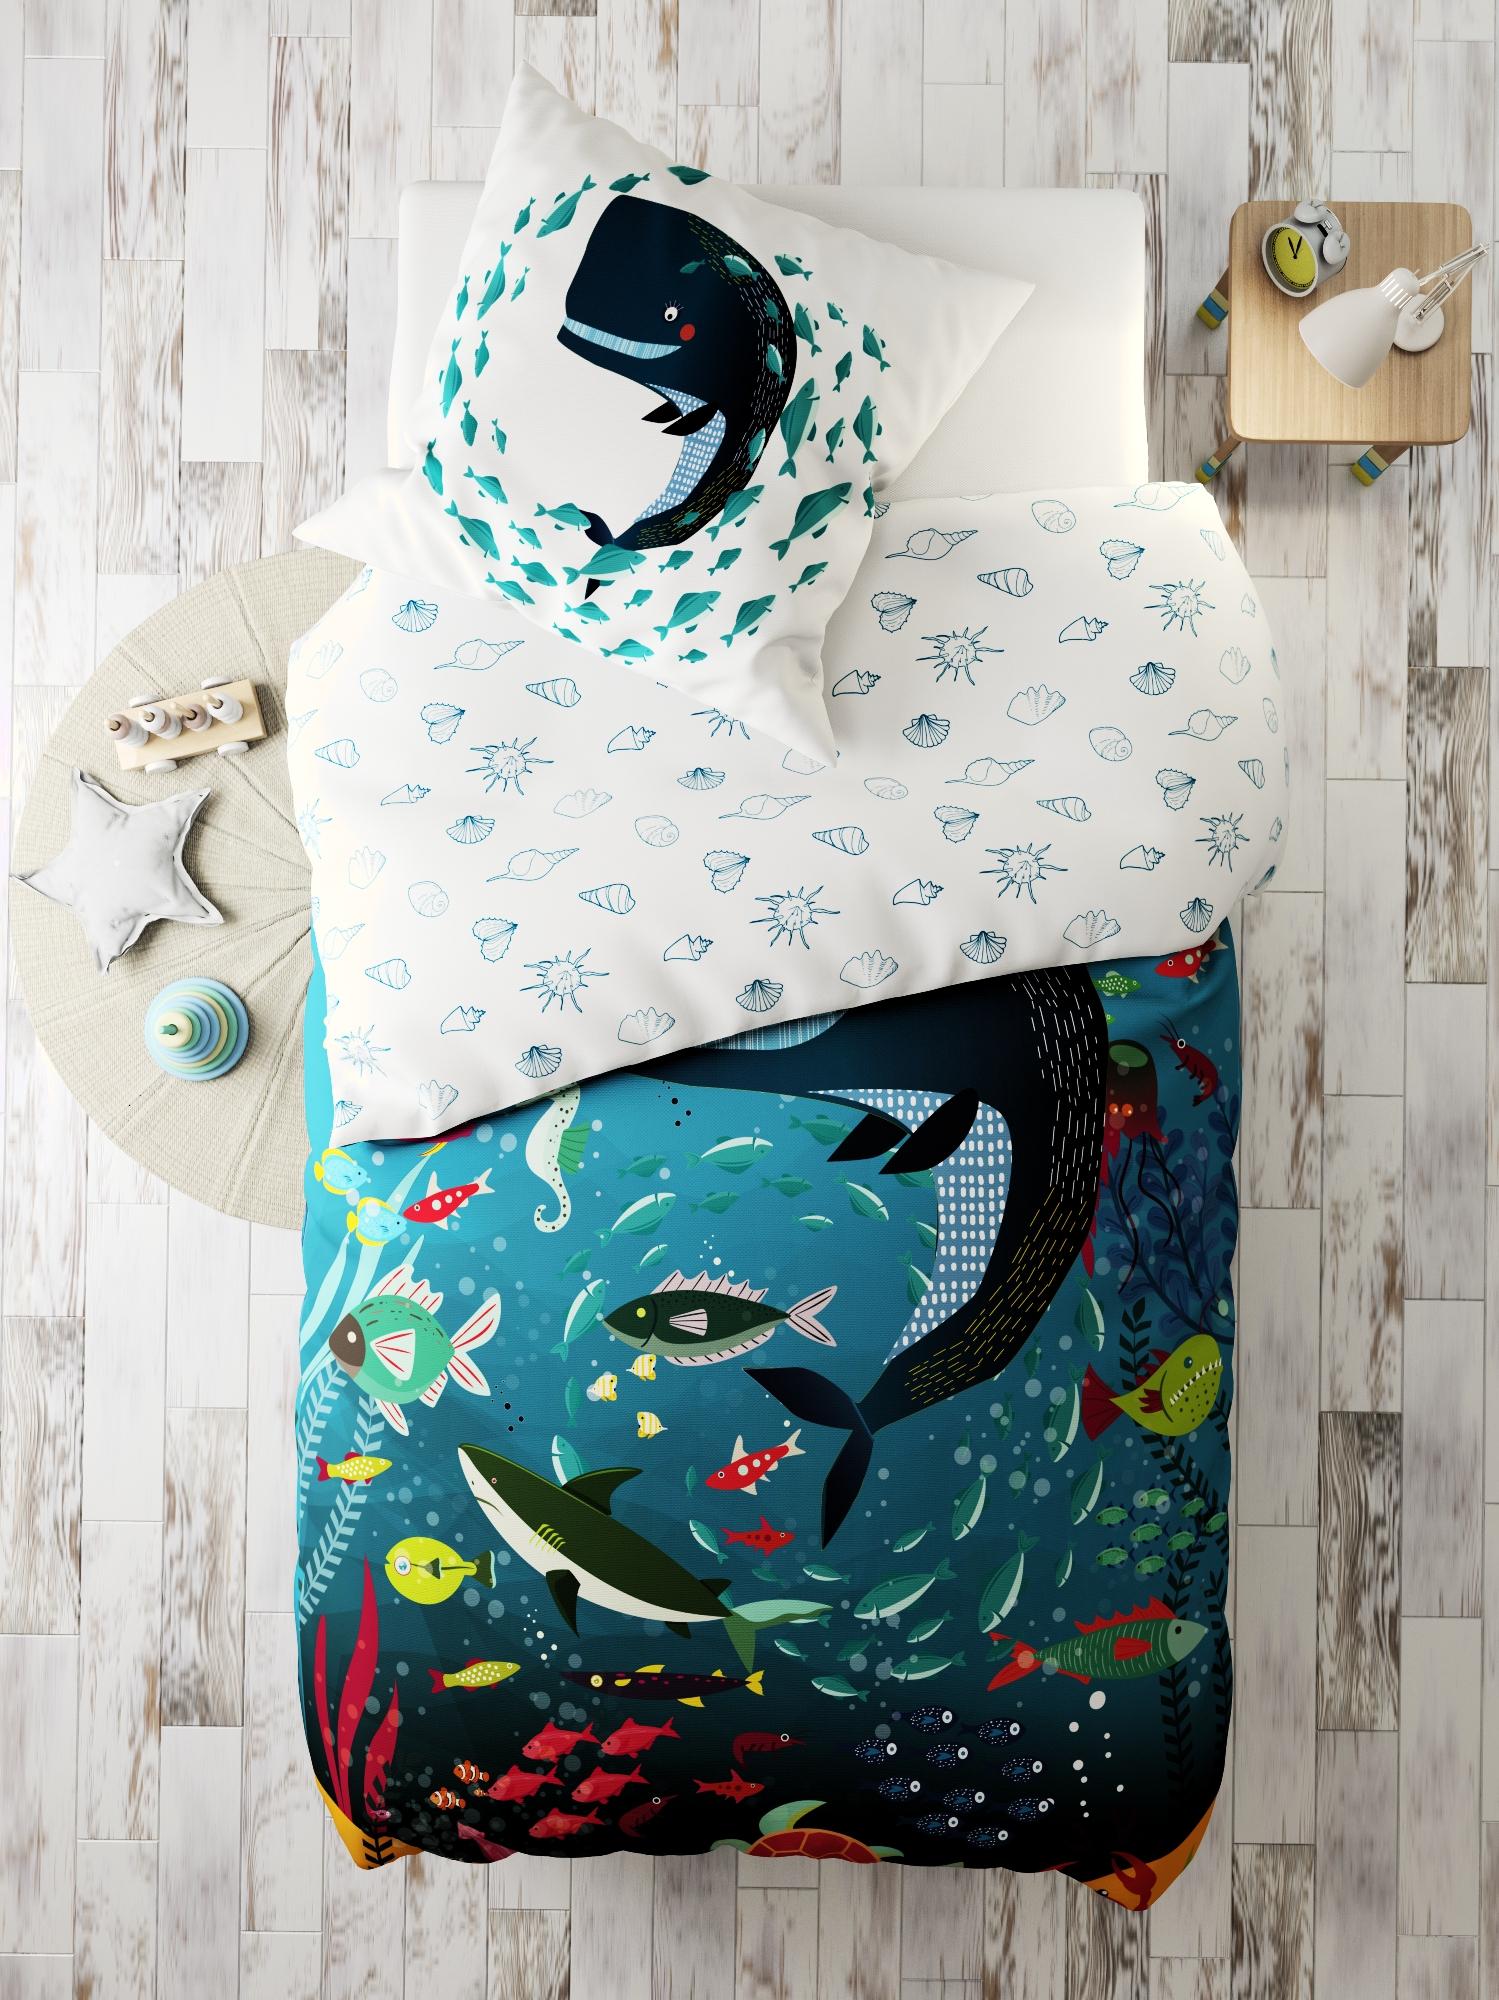 Комплект в кроватку Marengotextile Кит, голубой, белый